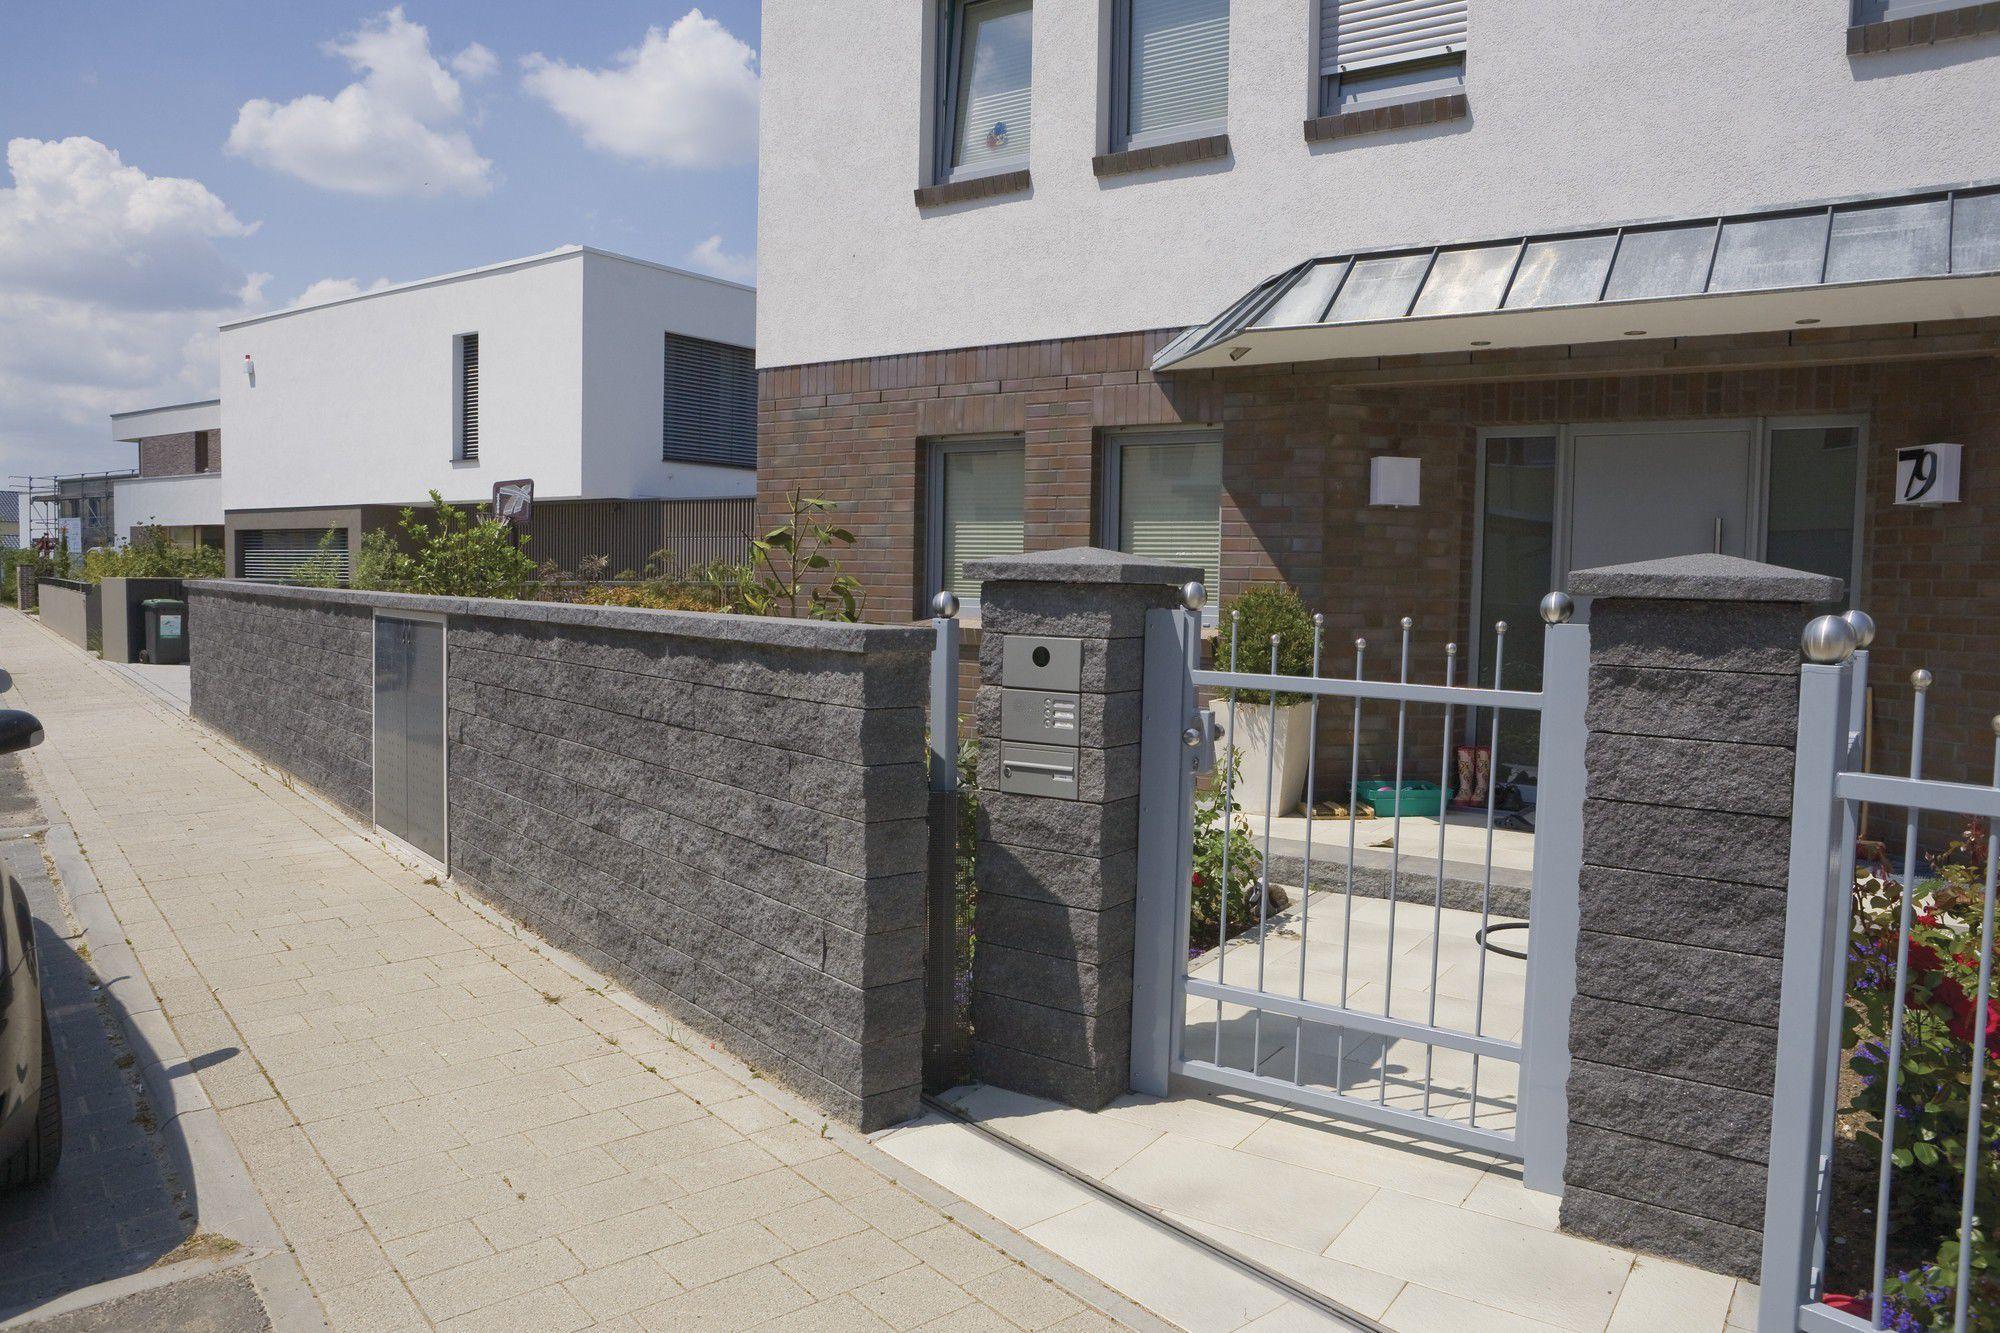 Mur Cloture Pierre mur de soutènement en pierre / modulaire / pour clôture de jardin